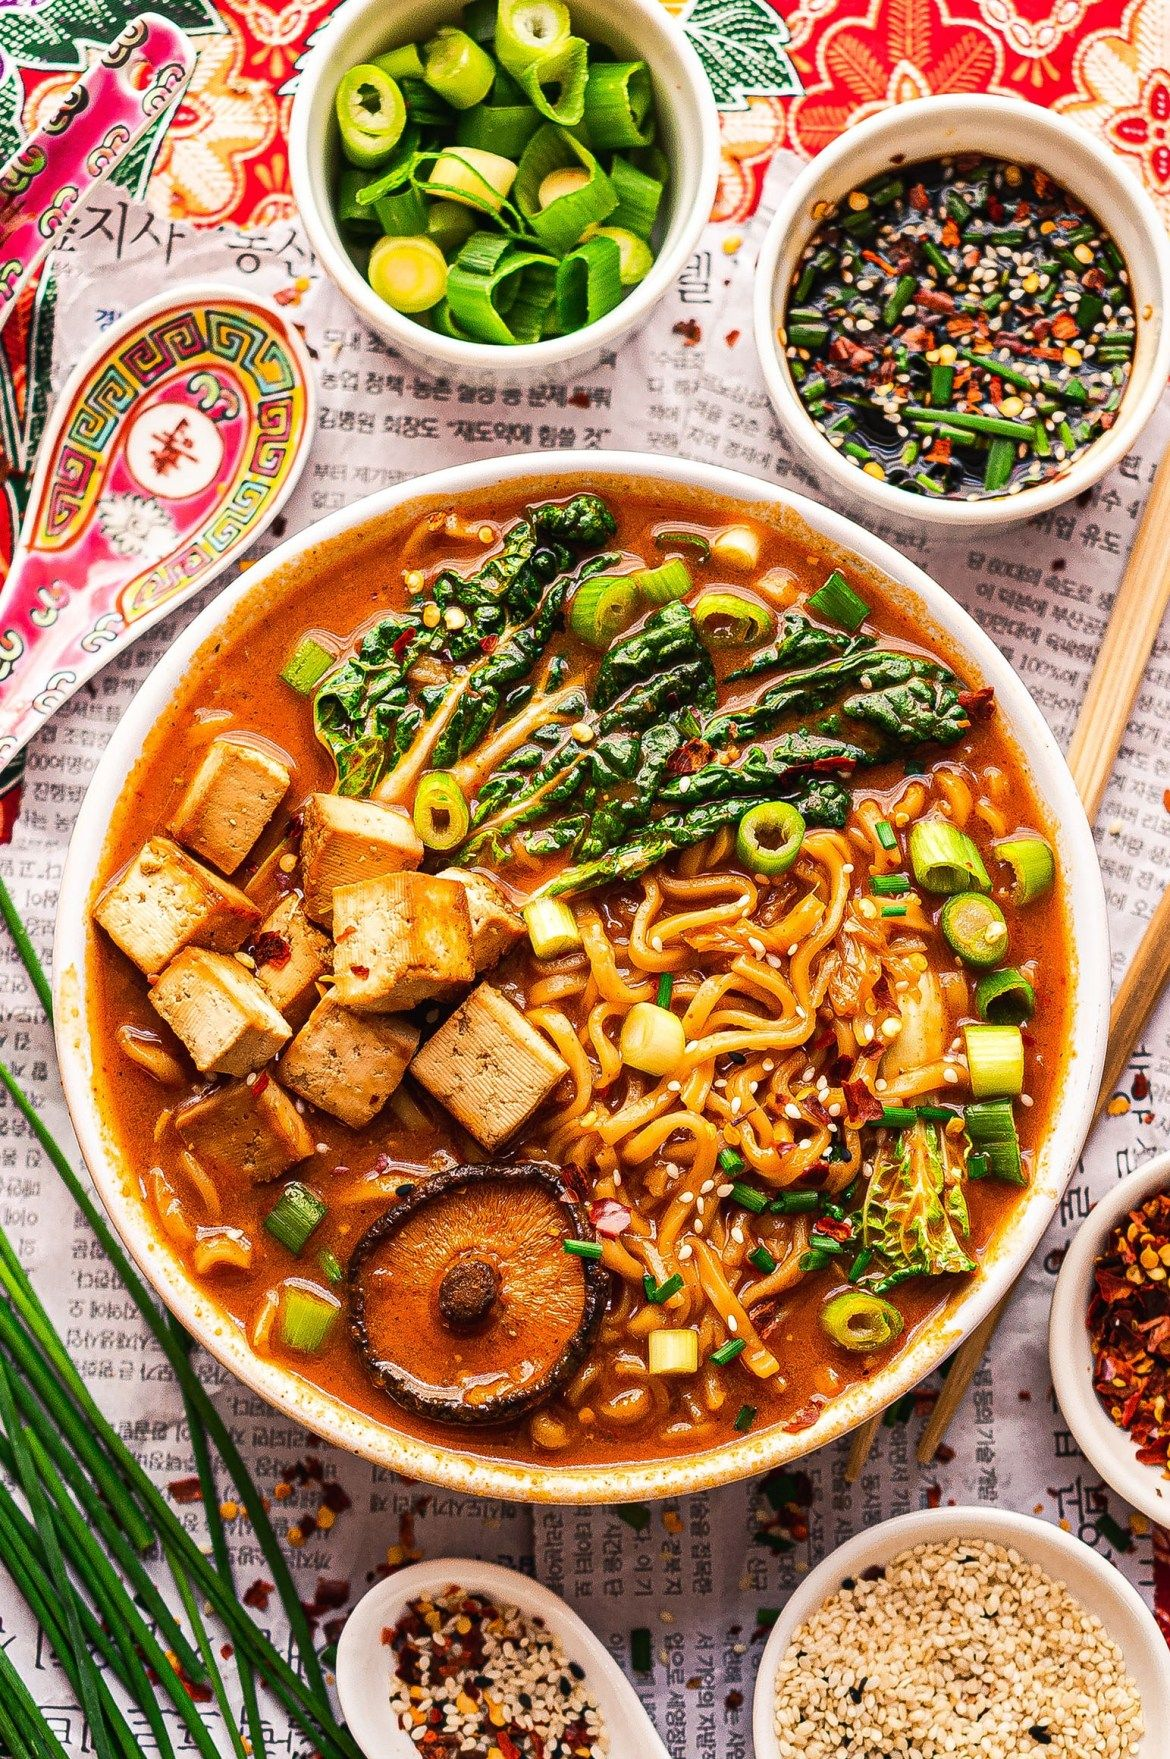 Spicy Kimchi Ramen Justyna Manjari Recipe Vegan Korean Food Vegan Kimchi Vegan Recipes